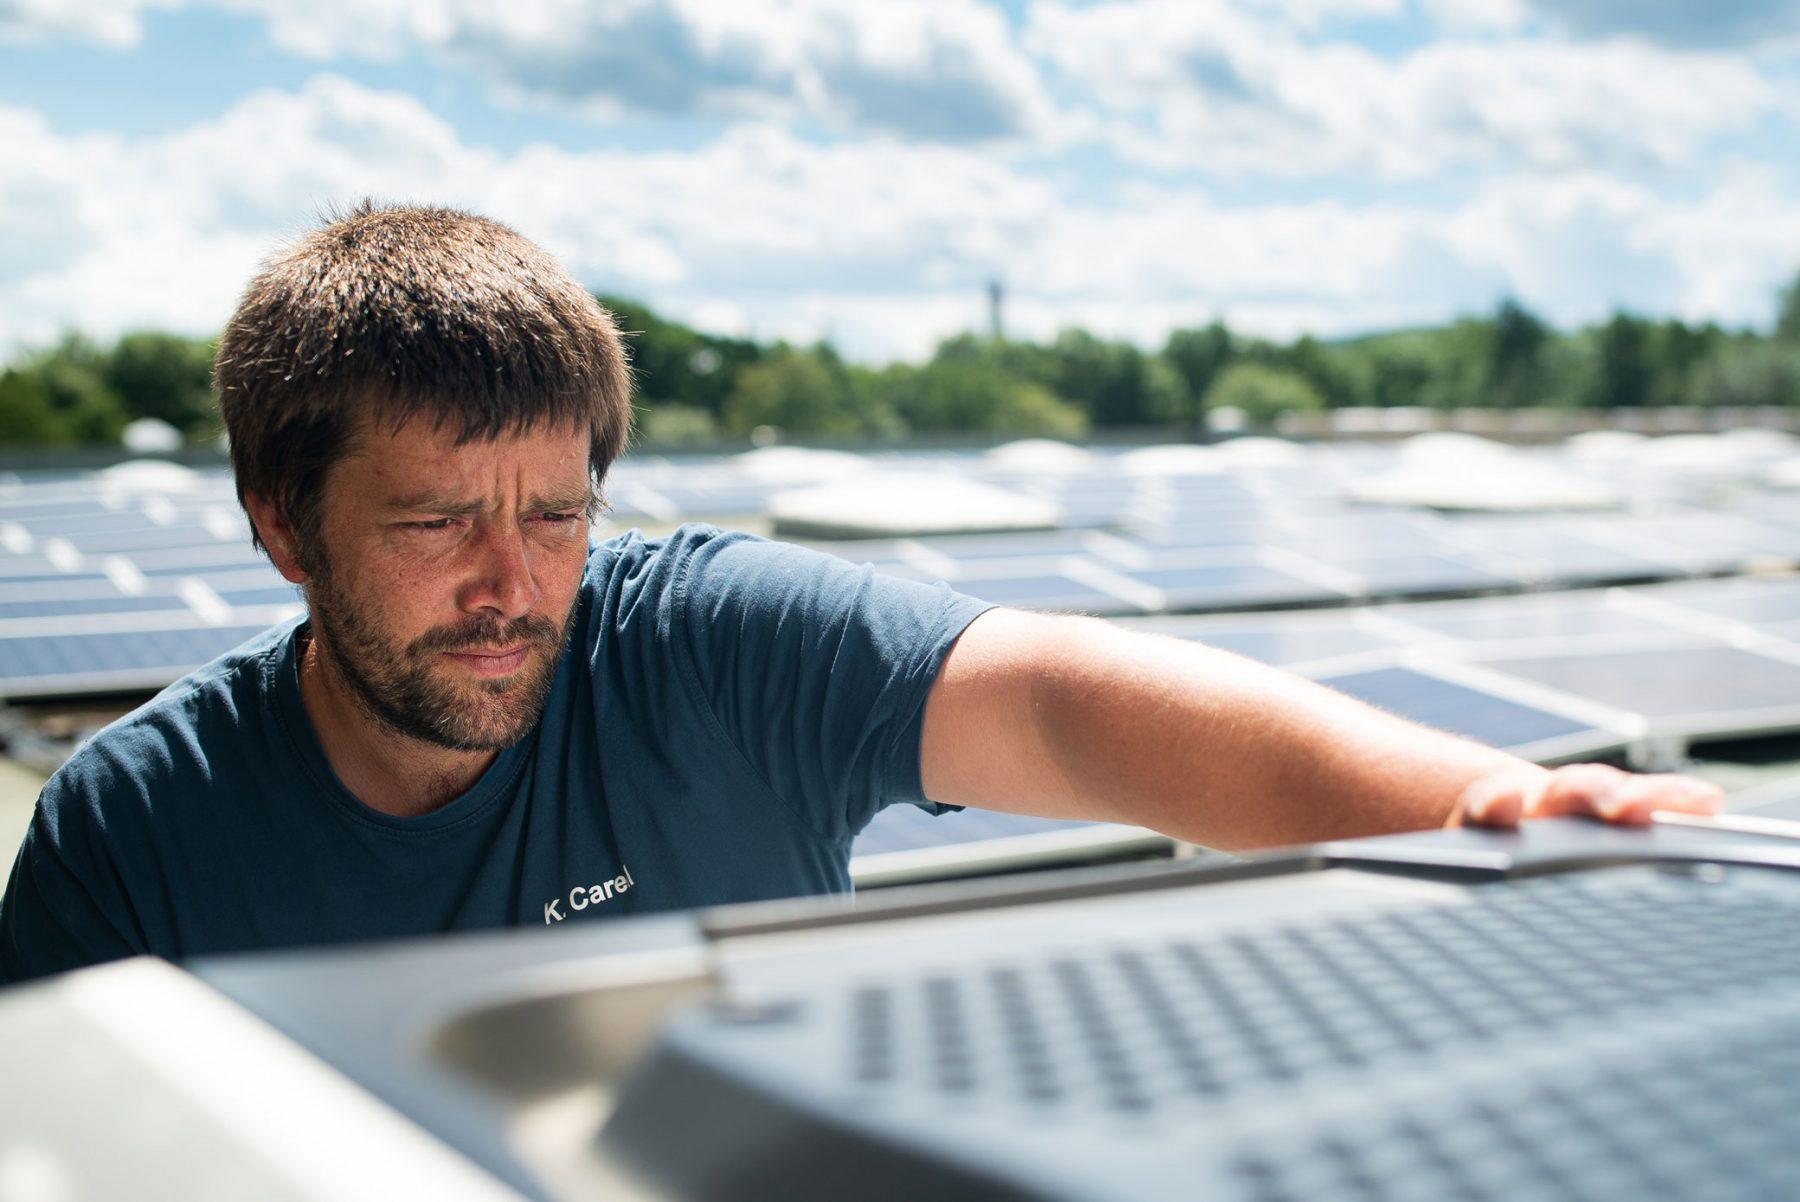 Prüfung einer Photovoltaik-Anlage